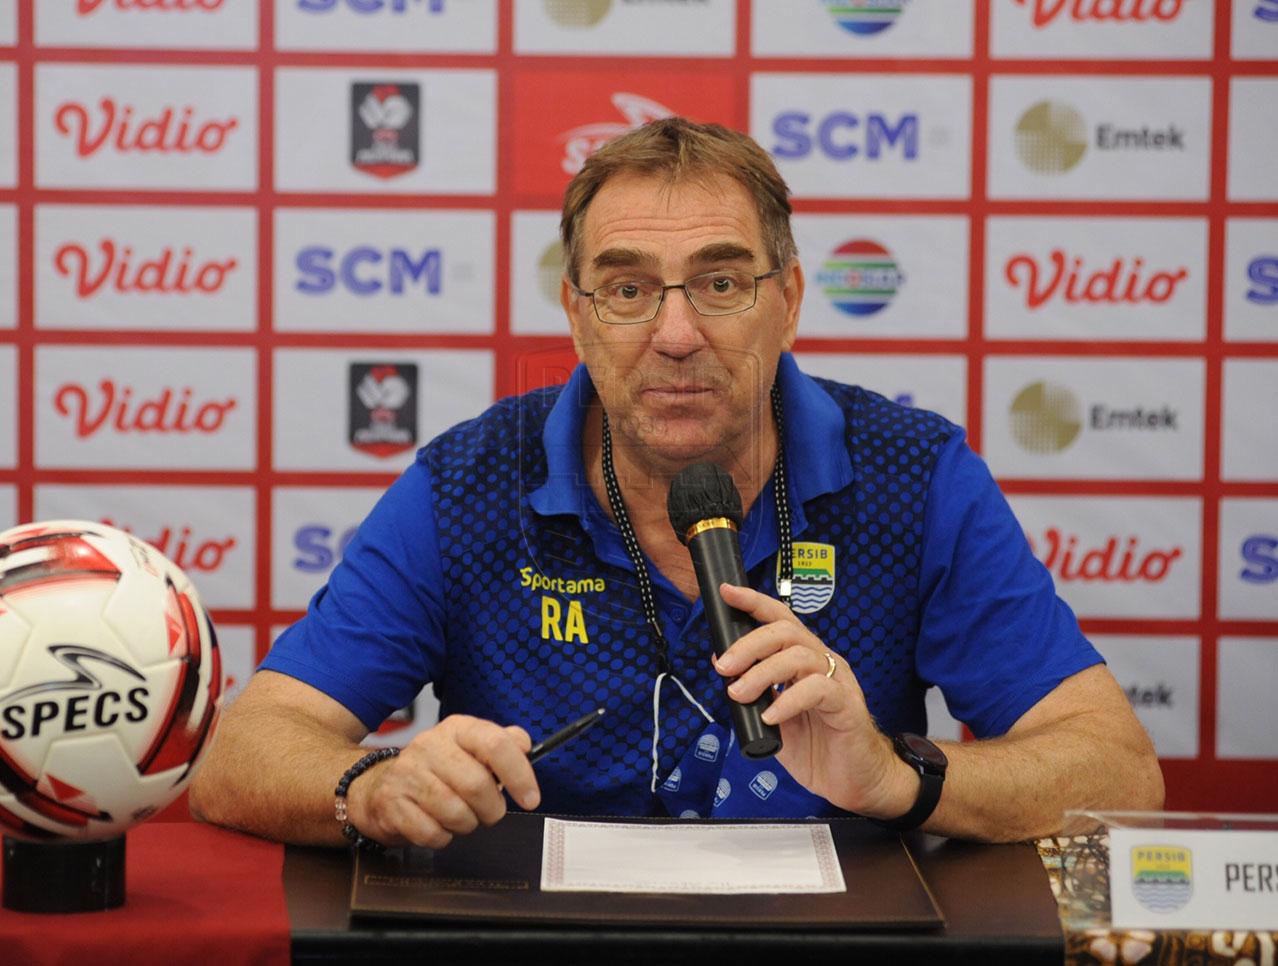 Prioritas Utama Persib Adalah Mengukir Prestasi di Liga 1 2021